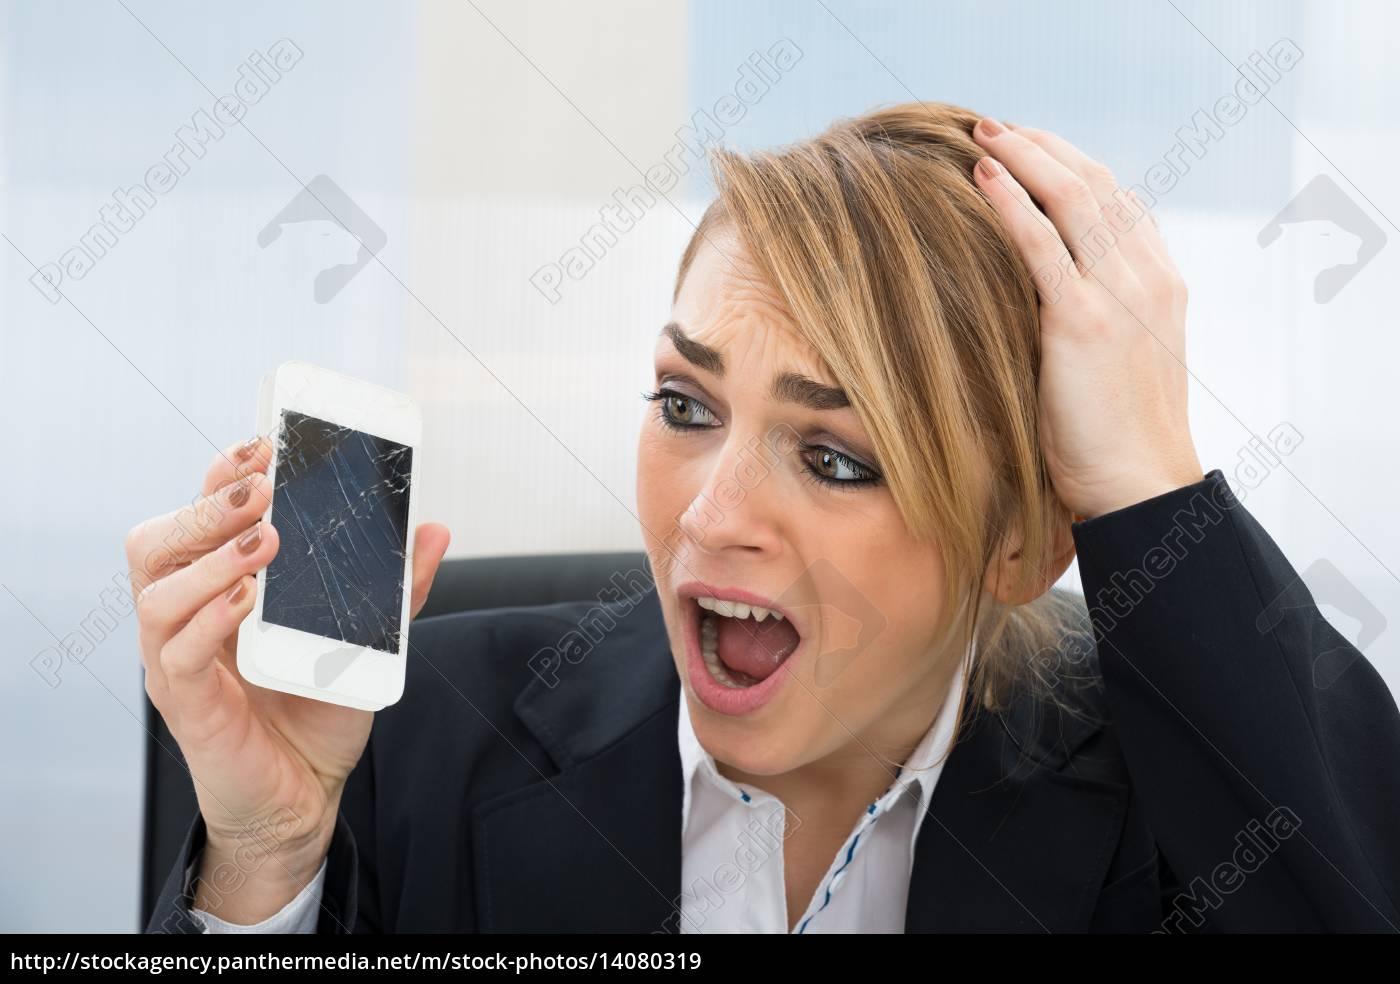 businesswoman, holding, broken, smartphone - 14080319